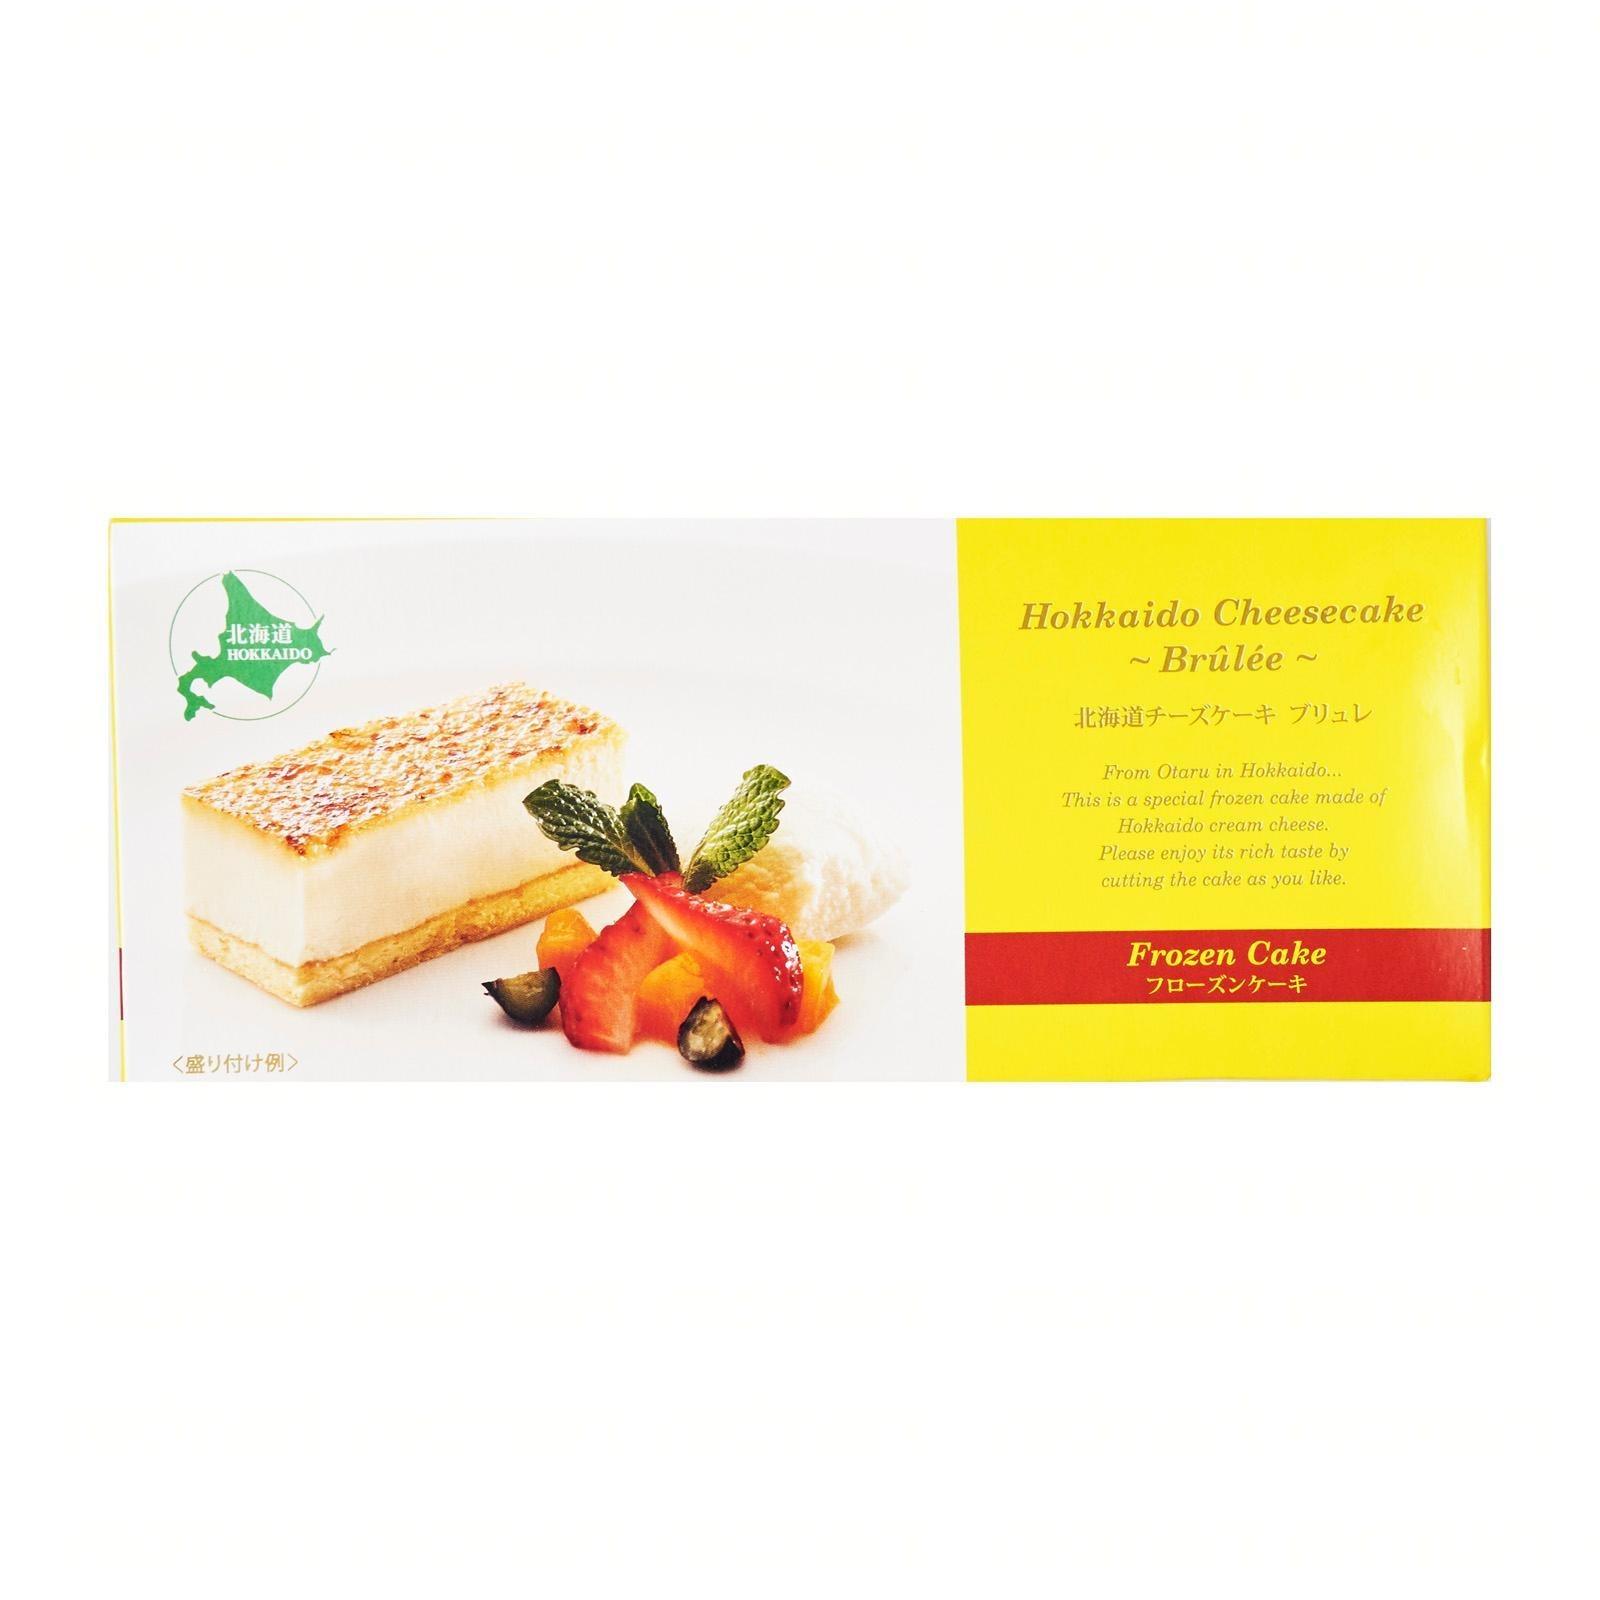 Kirei Hokkaido Brulee Cheese Cake - Frozen